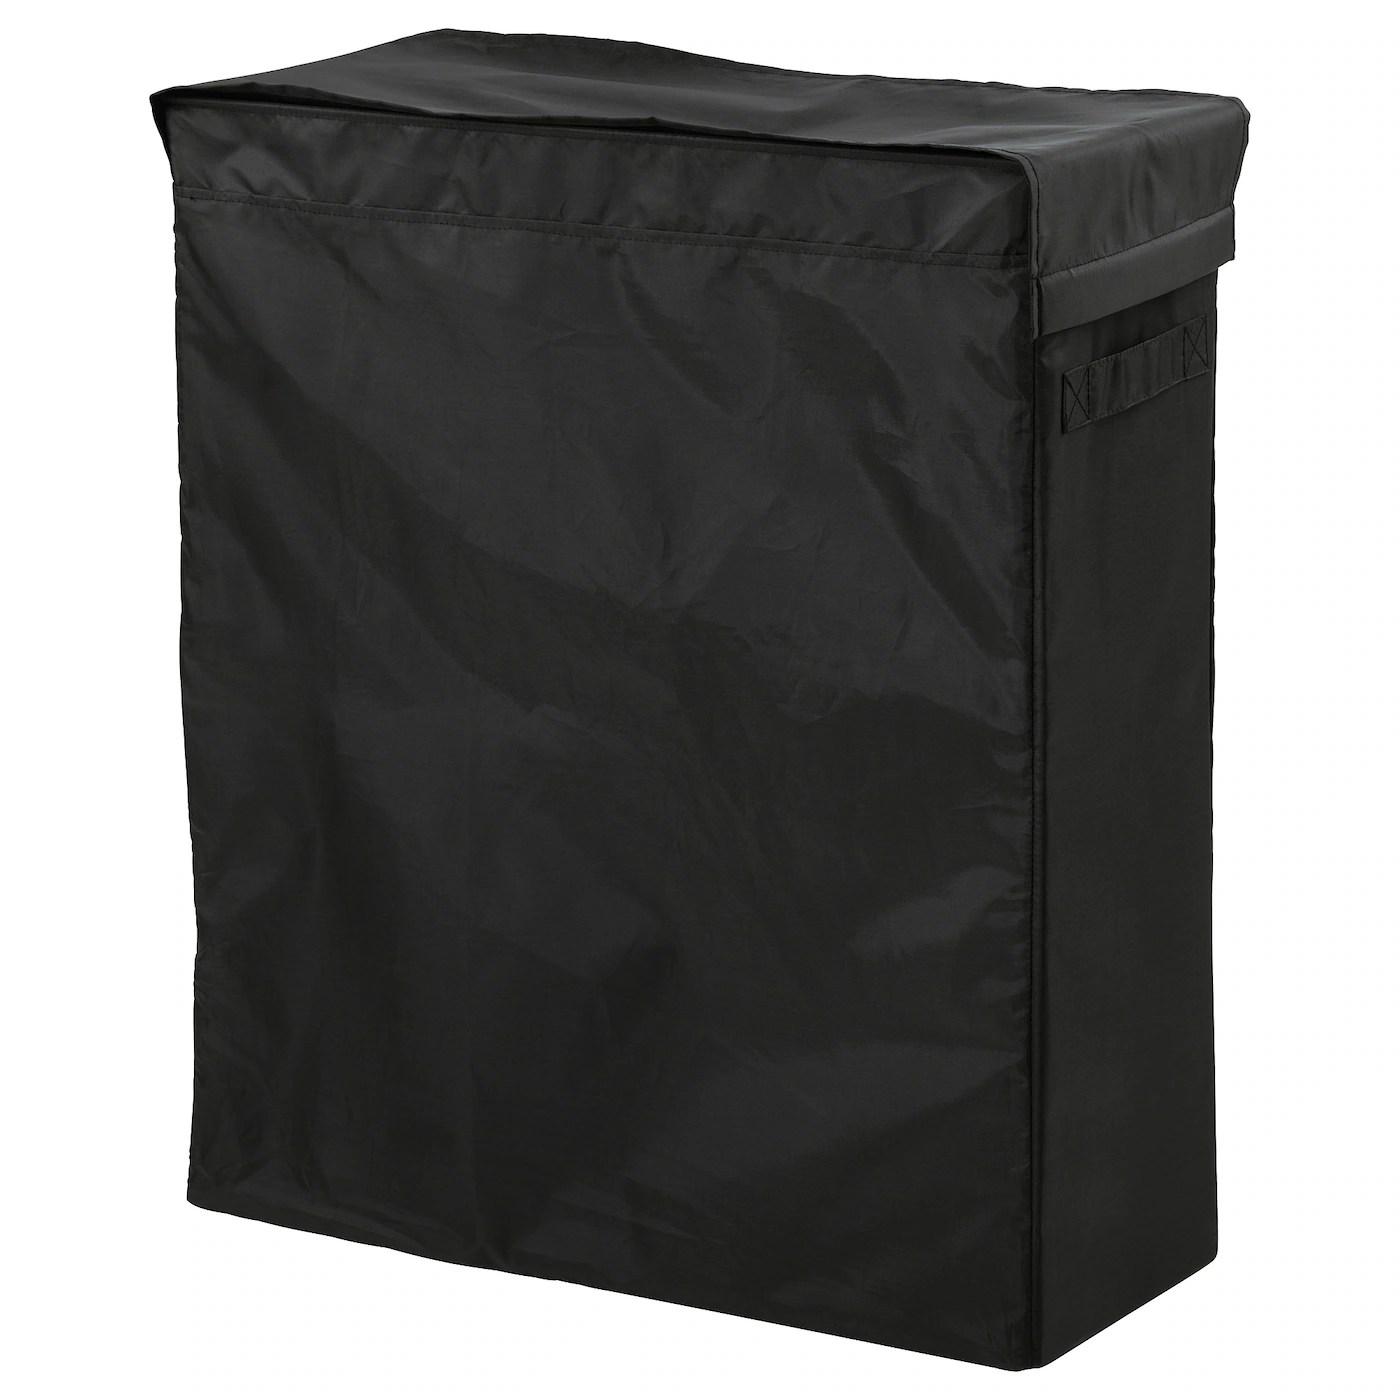 Skubb Sac A Linge Et Support Noir 80 L Ikea